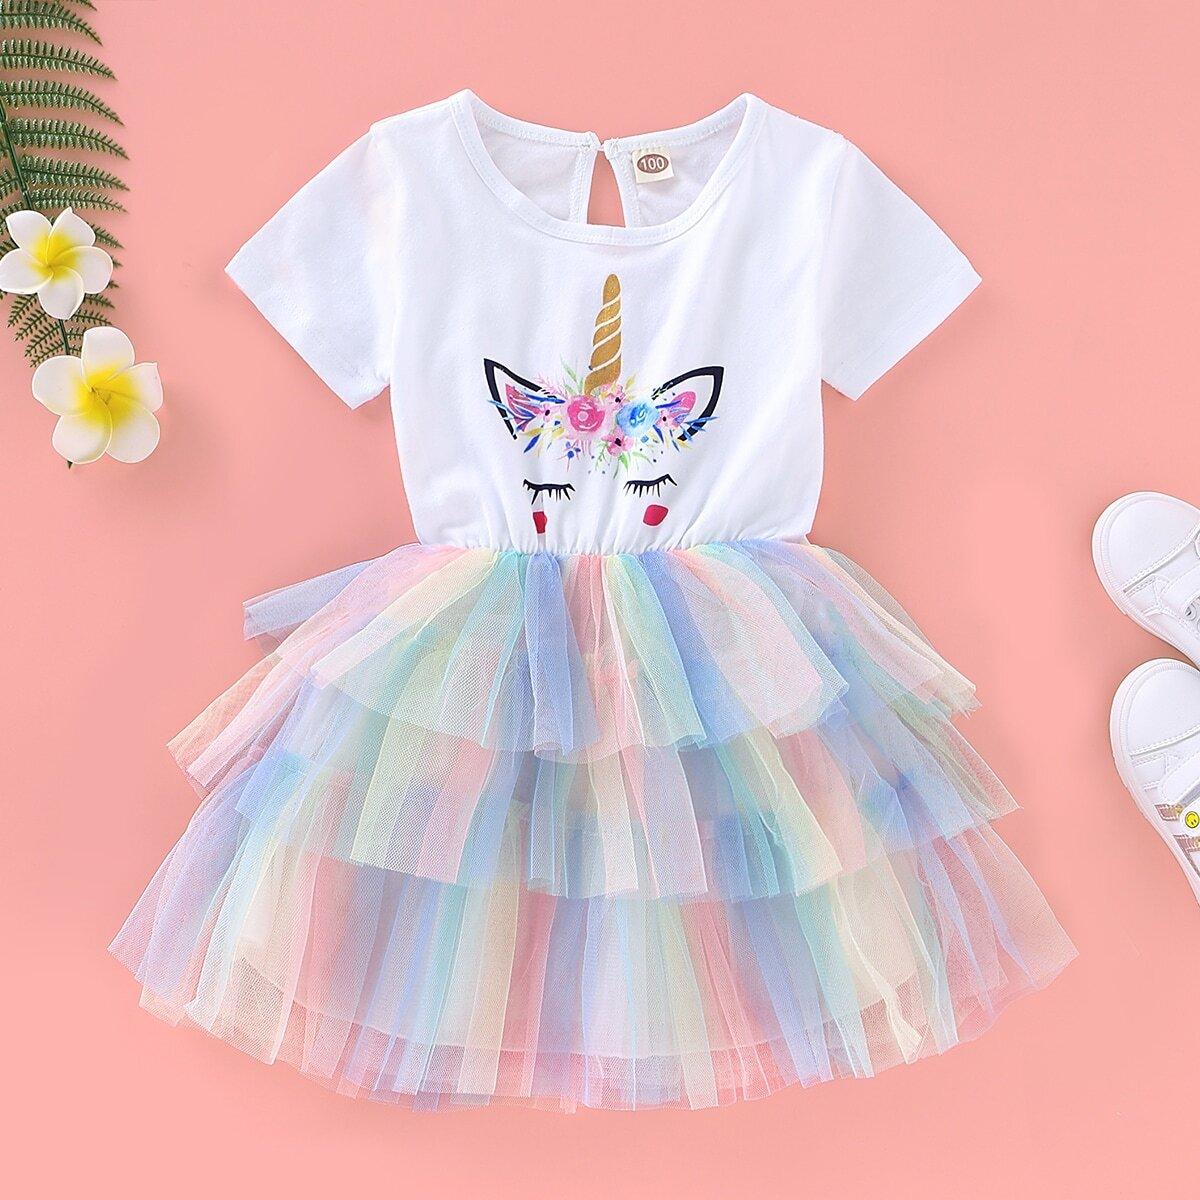 Многослойное платье с графическим принтом для девочек от SHEIN